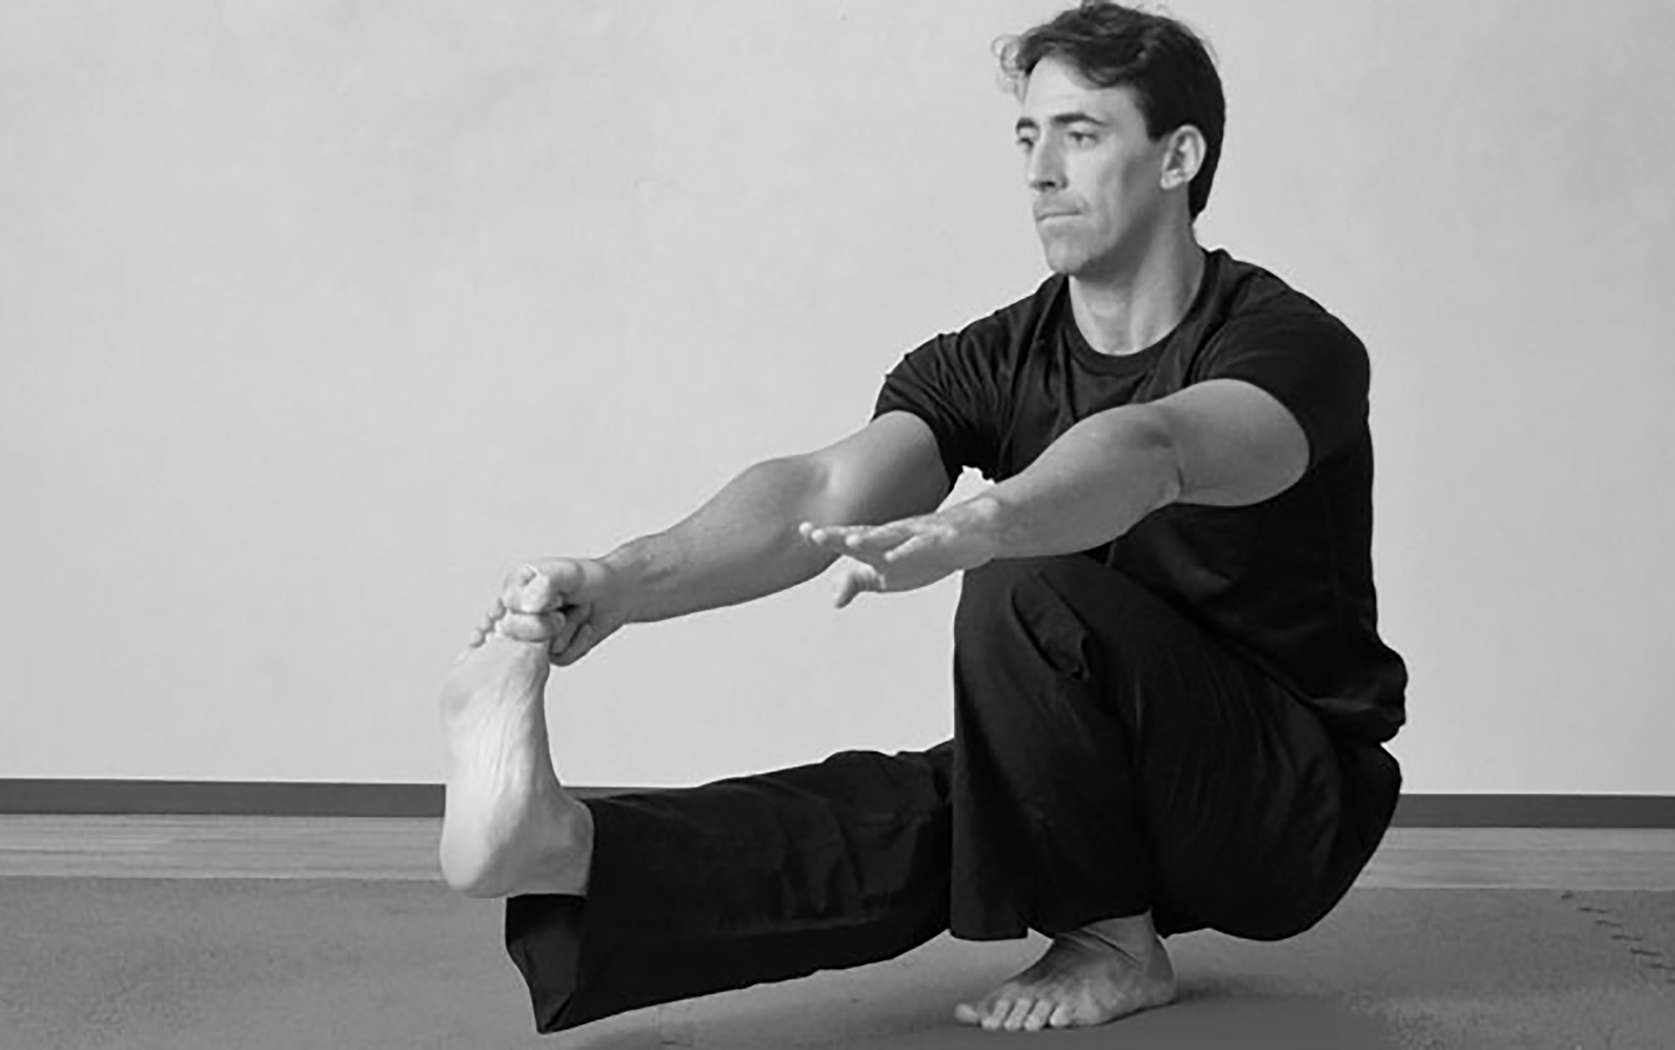 6 bài tập thể dục hiệu quả không cần tạ